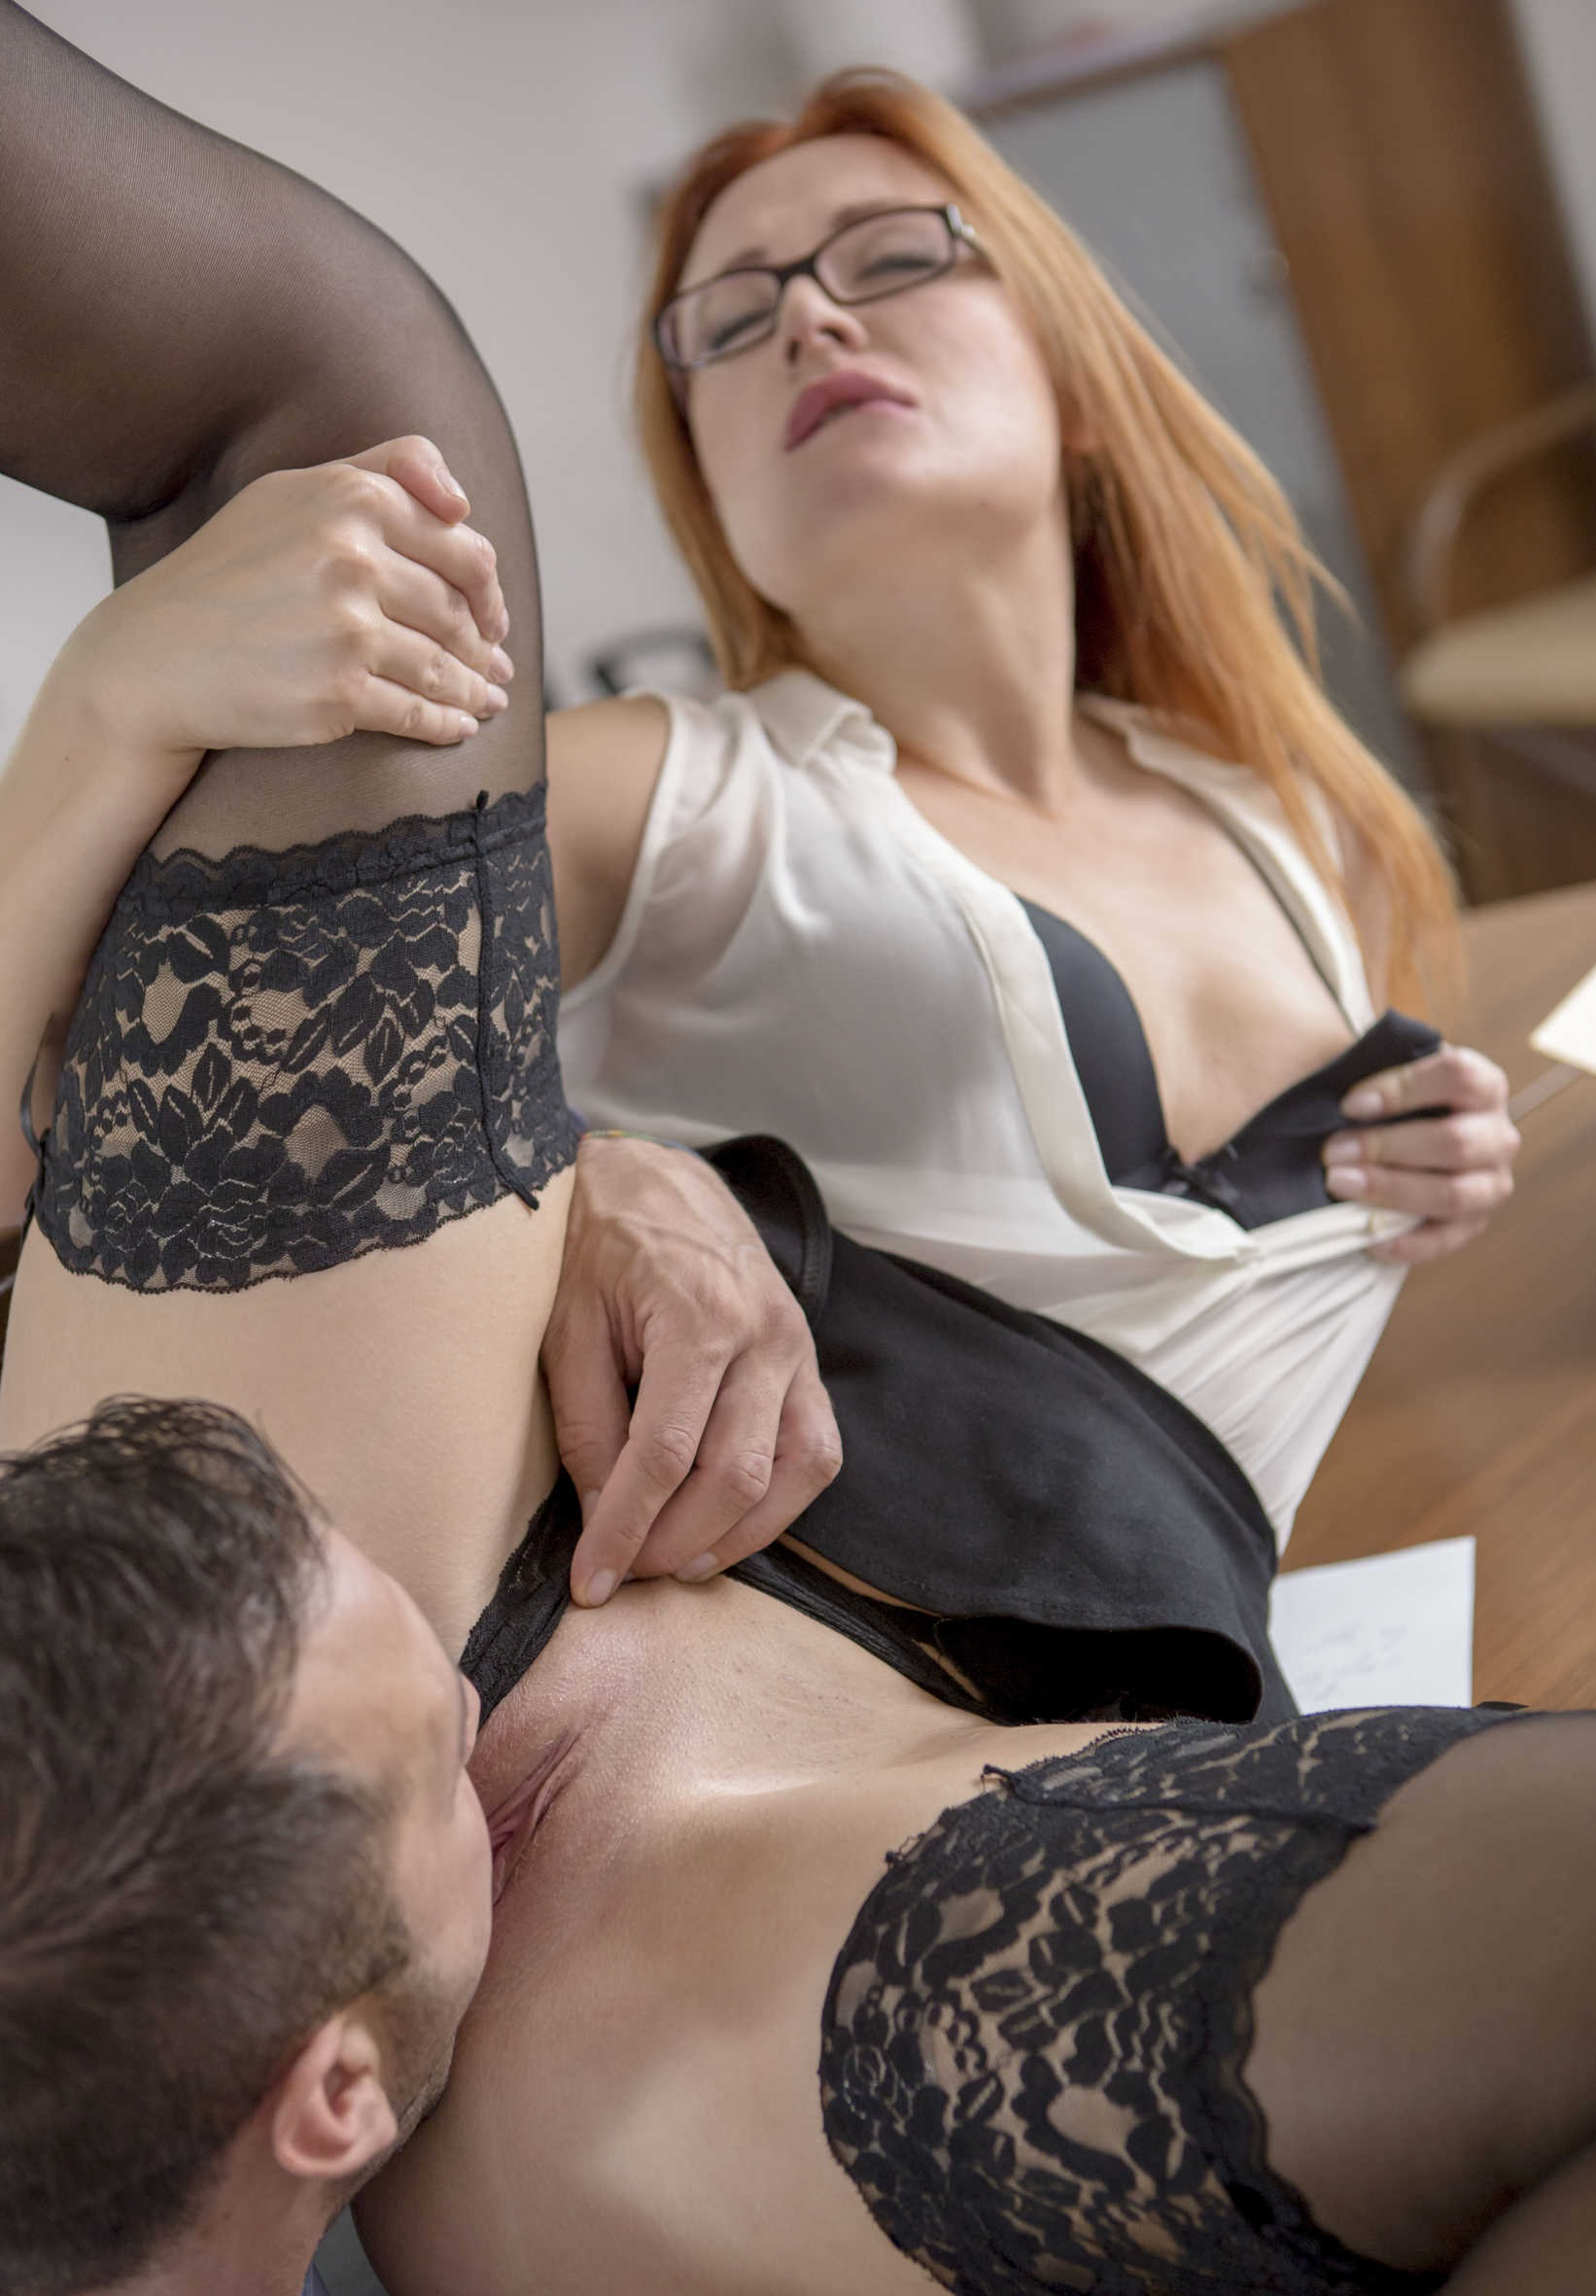 училка получает оргазм